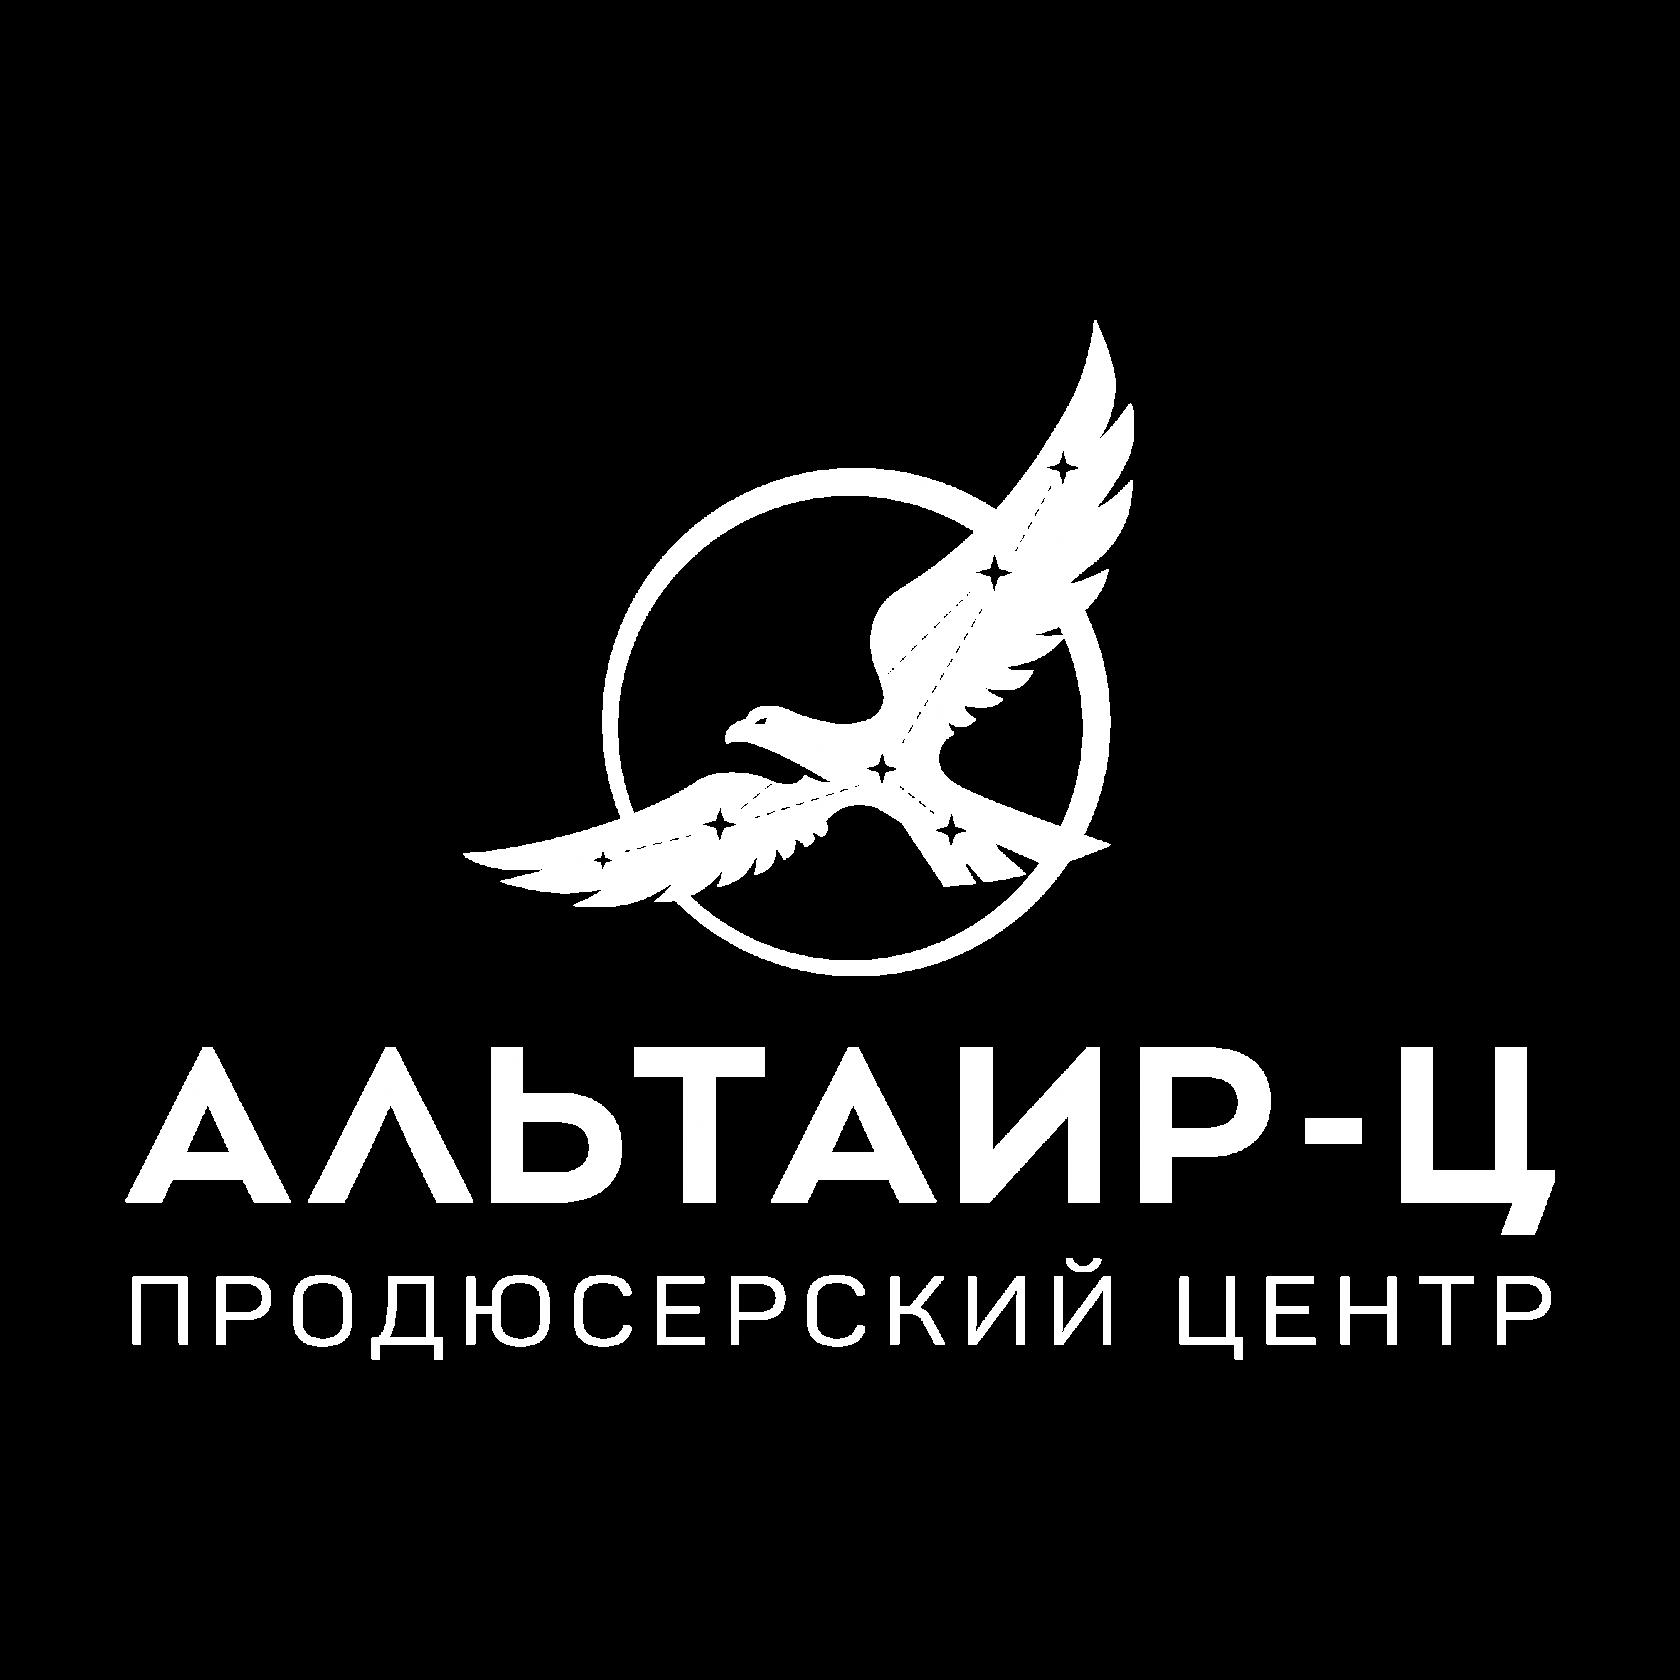 АЛЬТАИР-Ц